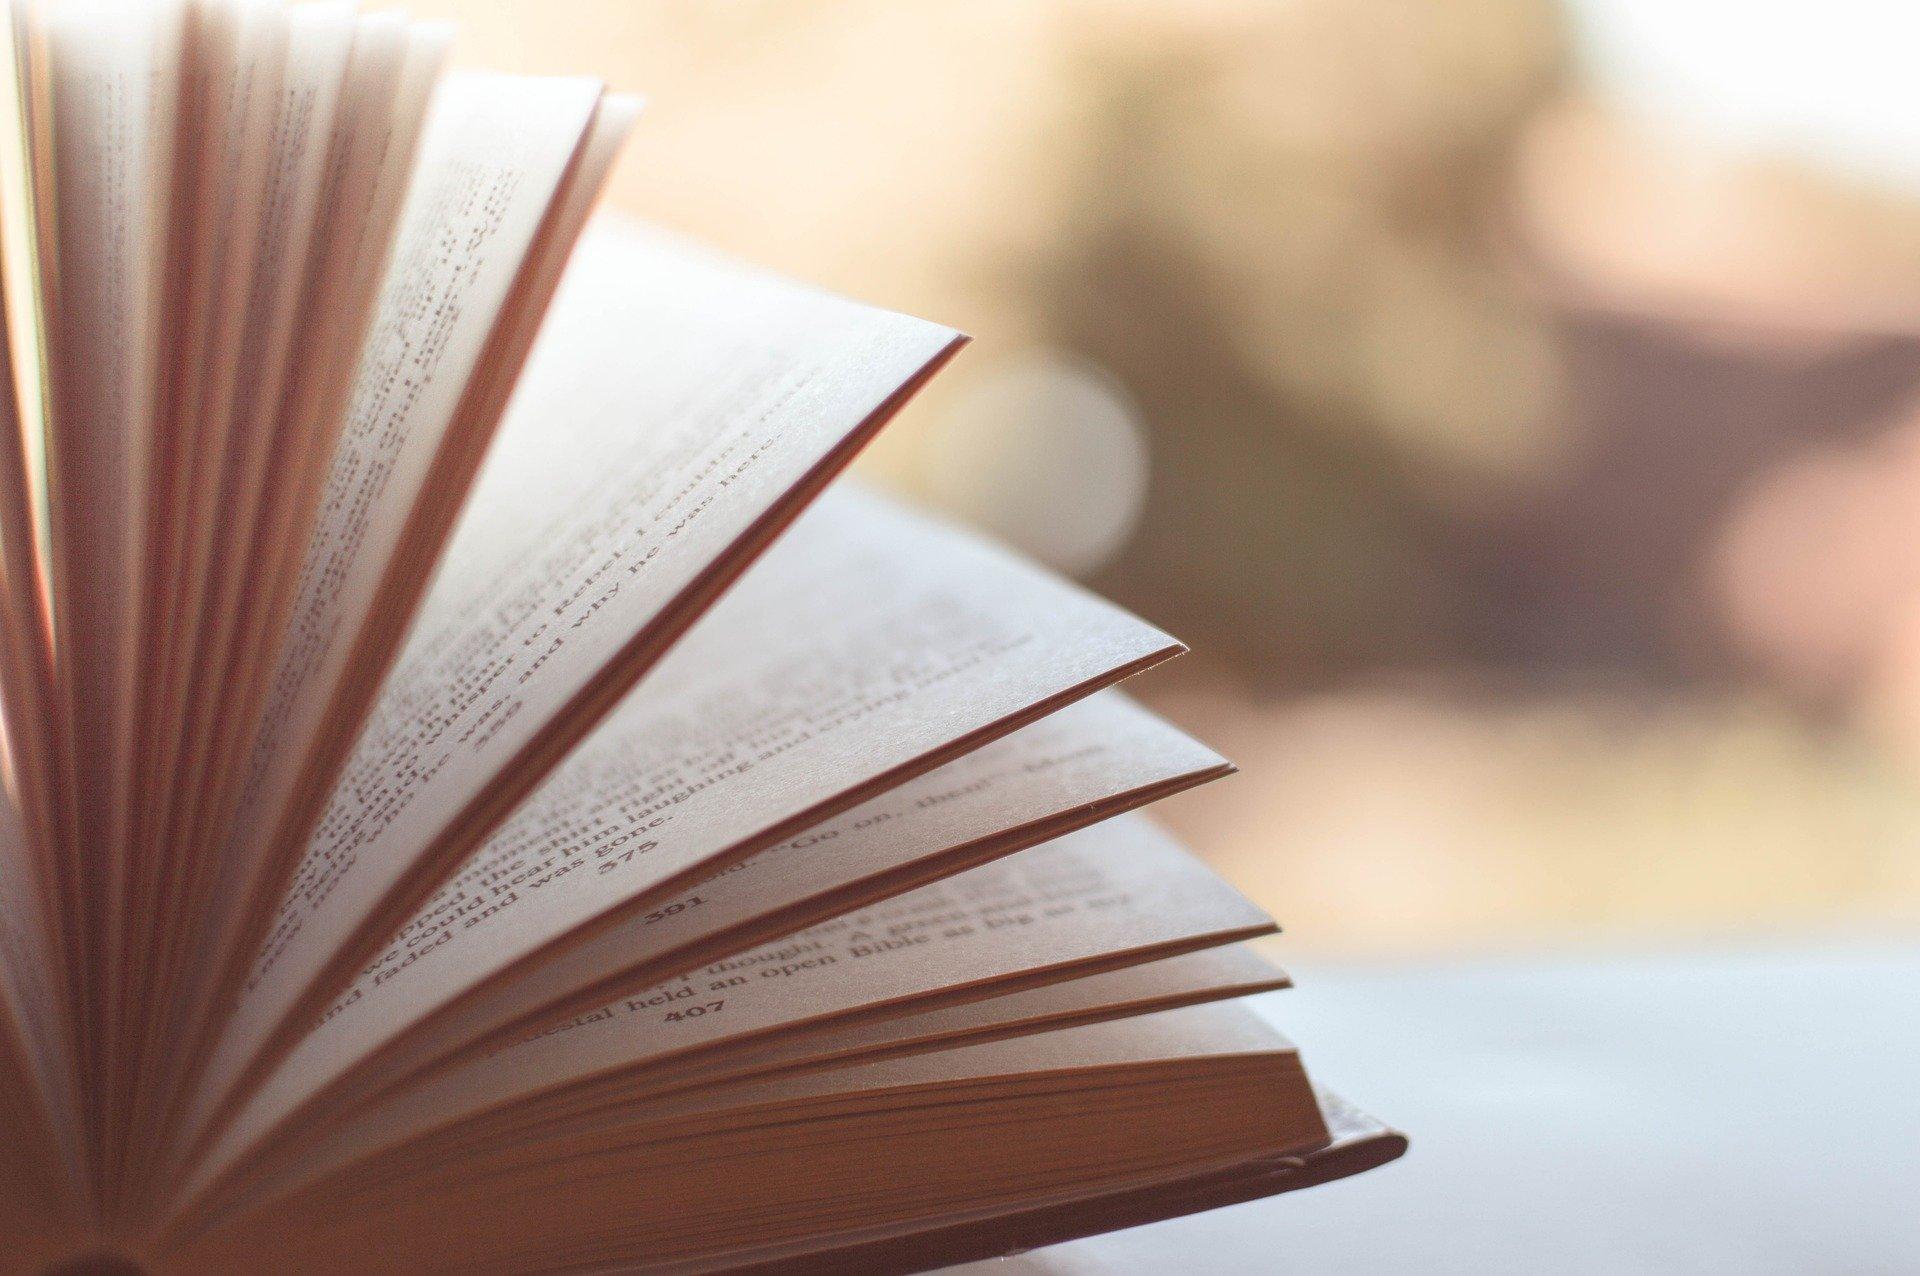 Tapahtuma peruttu: Treffpunkt Literatur - saksankielinen luku- ja keskustelupiiri